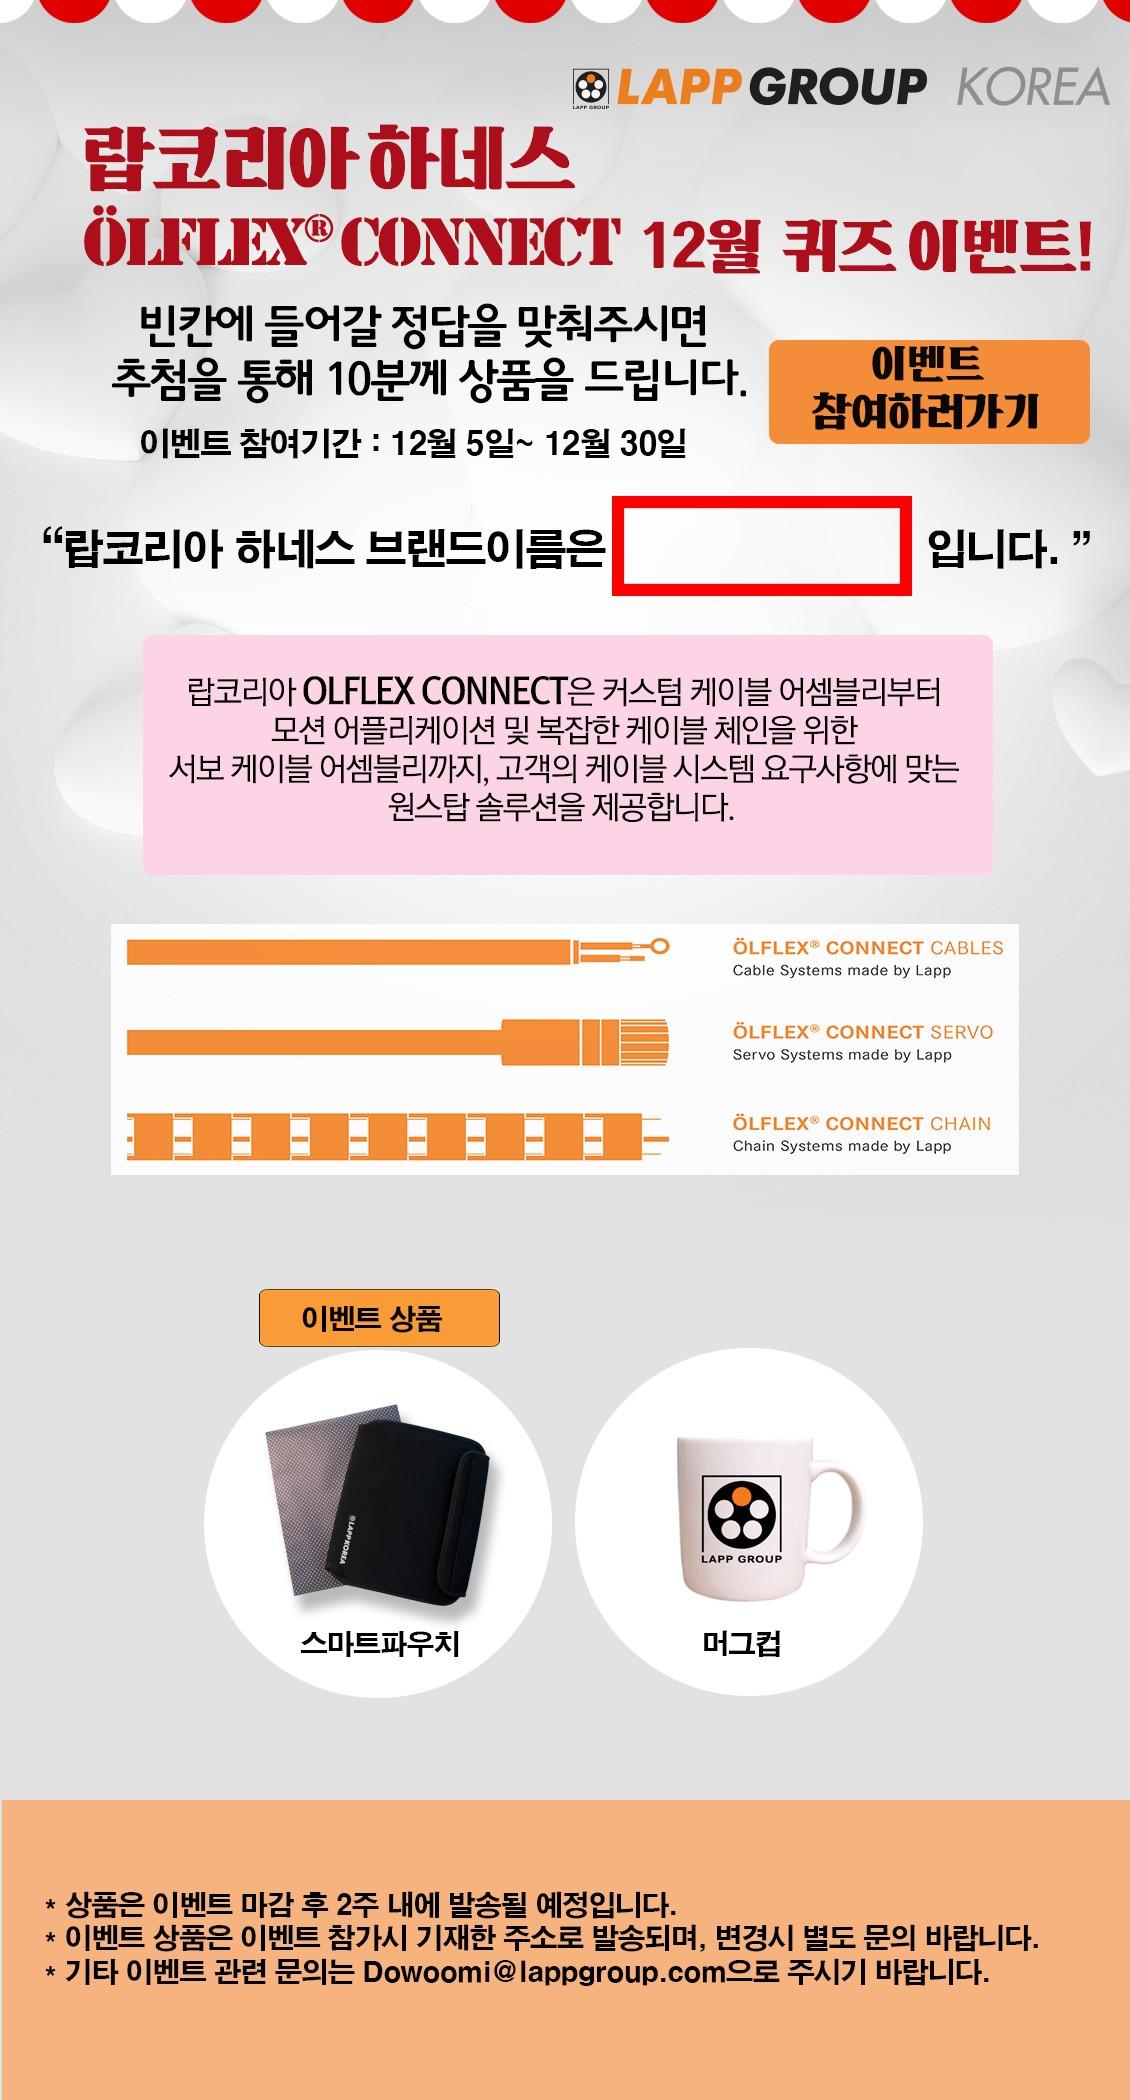 랍코리아 하네스 OLFLEX® CONNECT 이벤트! (마감)